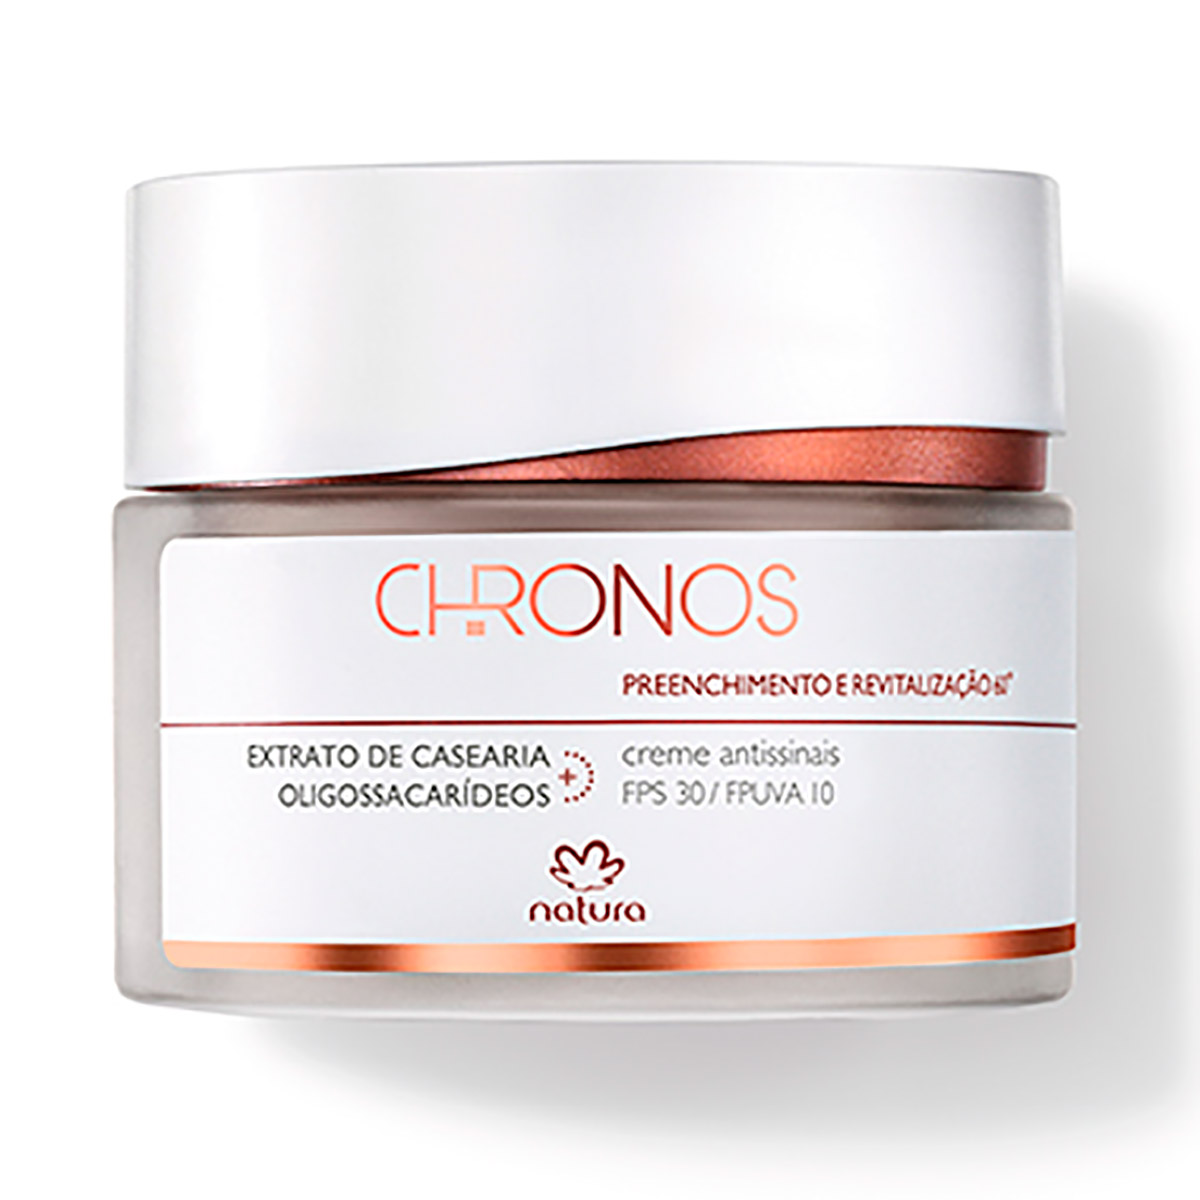 Creme Antissinais 60+ Preenchimento e Revitalização Chronos - 40g - 57985